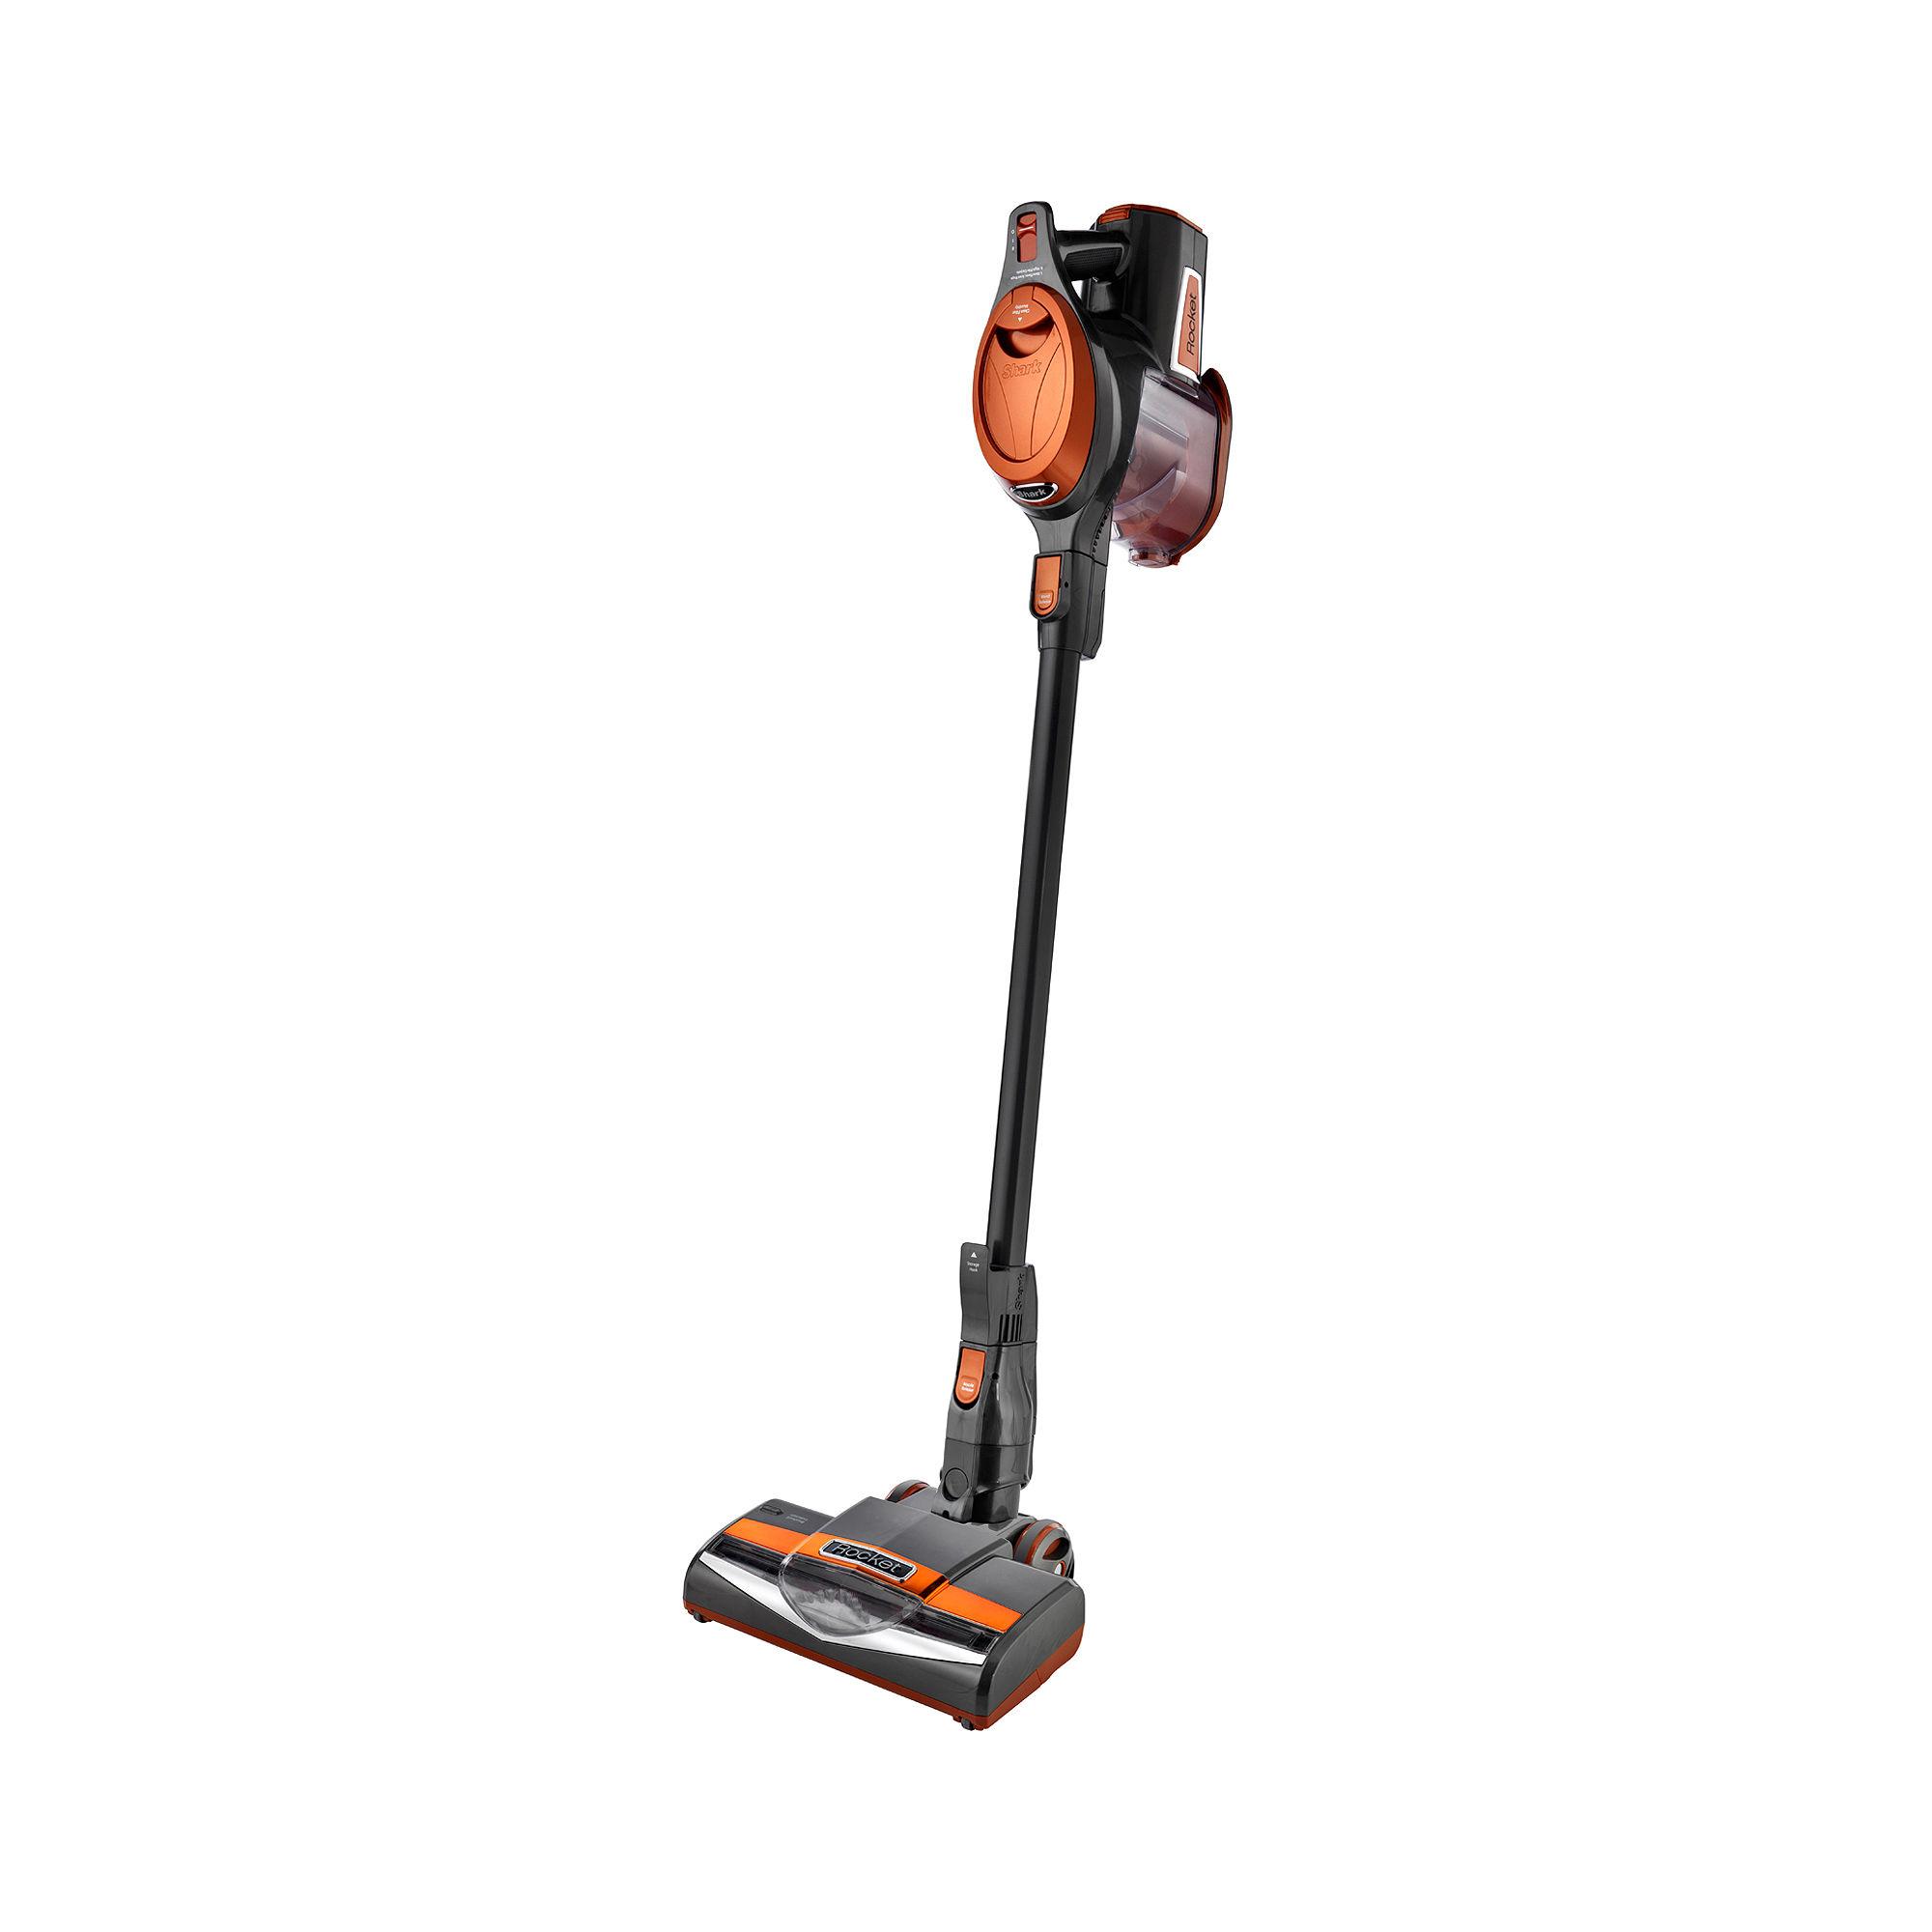 Shark Rocket Ultra-Light Upright Vacuum - HV301